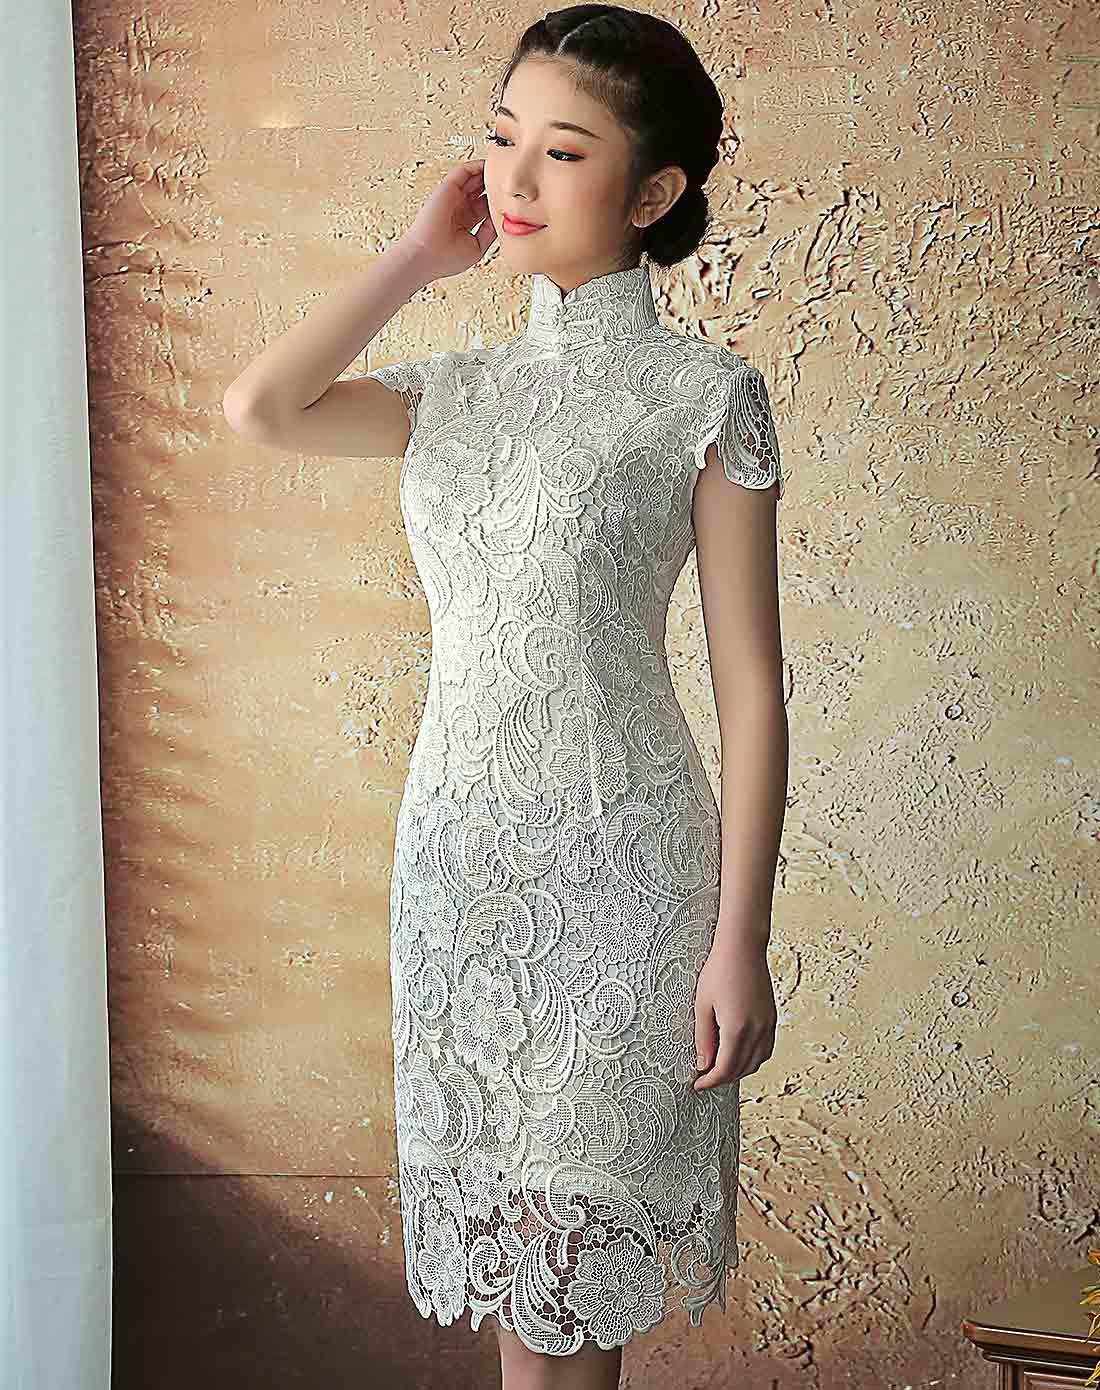 清影水溶蕾丝旗袍裙